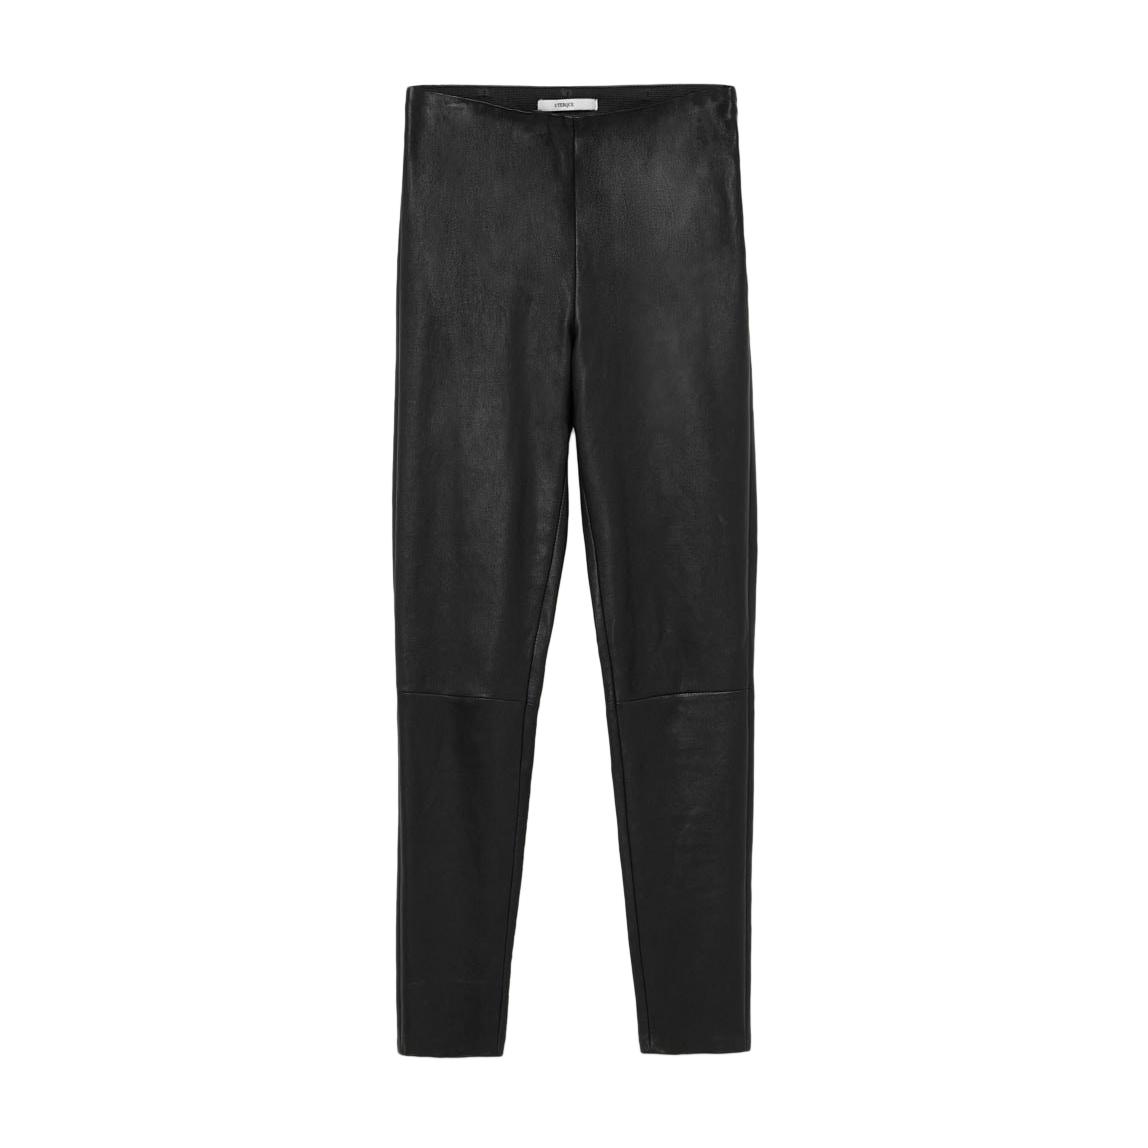 Uterque Black Stretch Leather Leggings